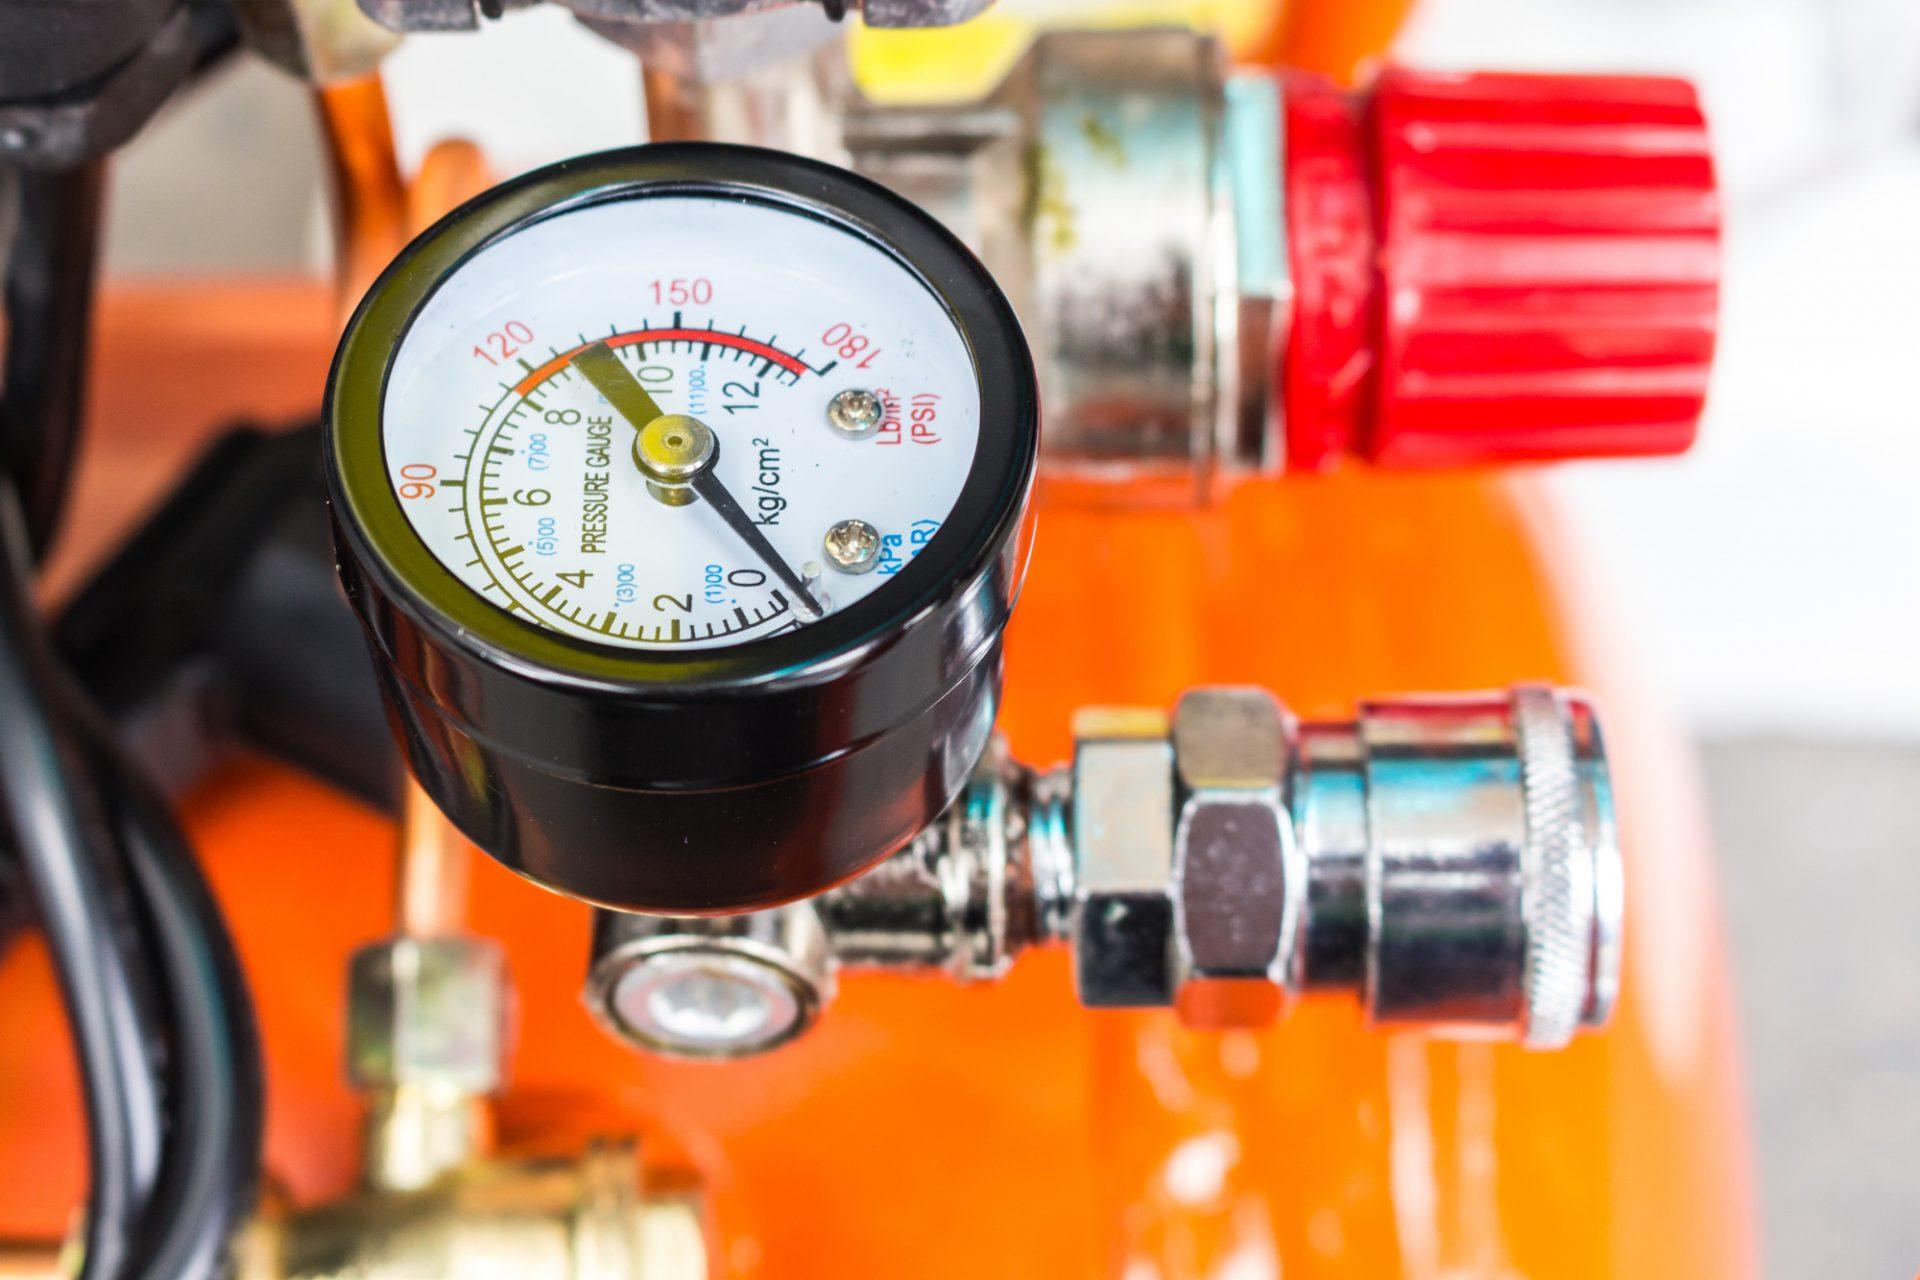 Air Compressor for a Brad Nailer